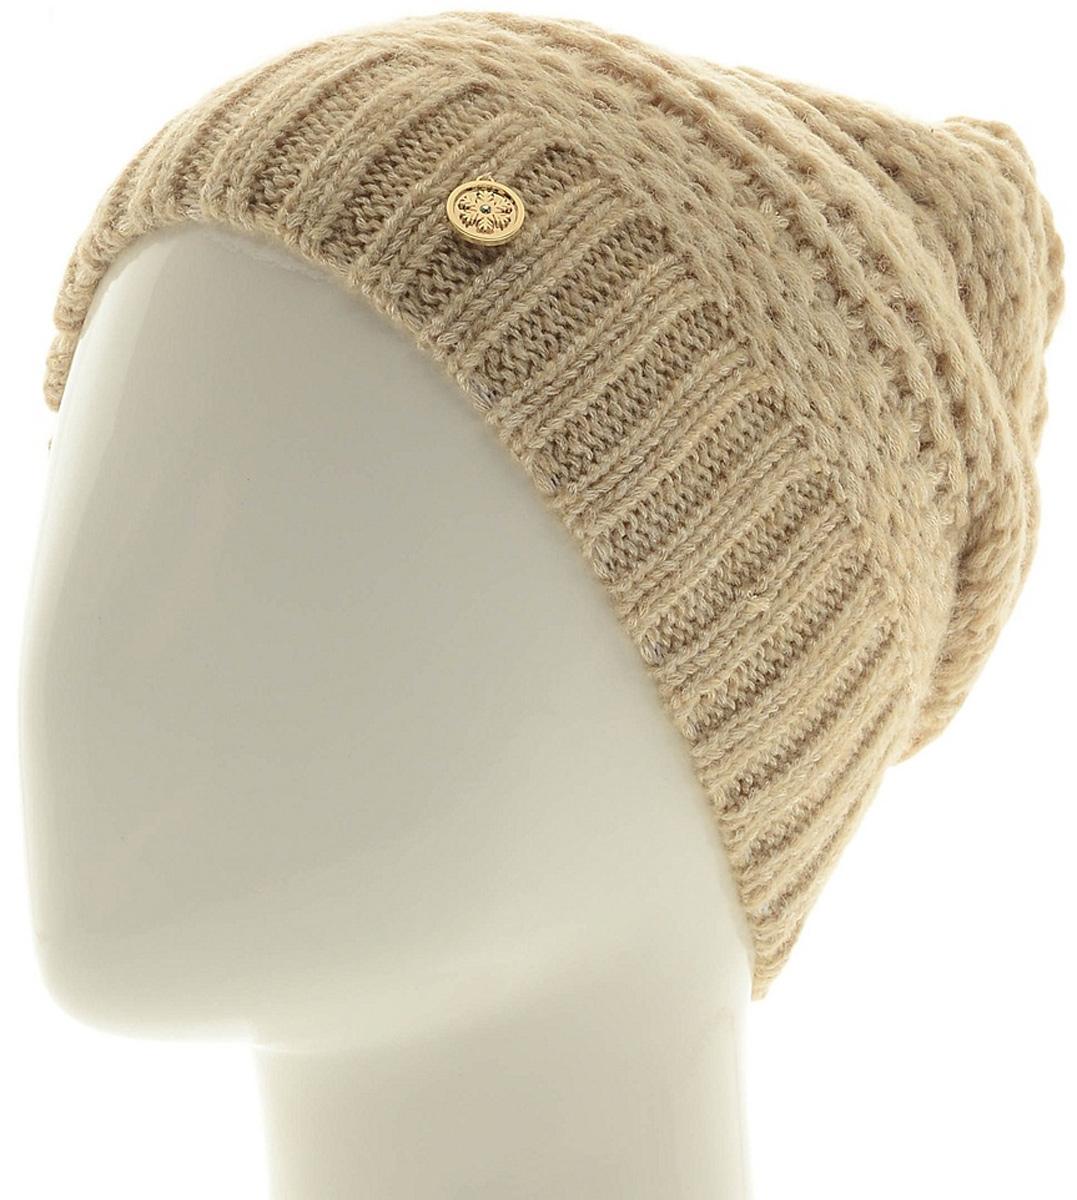 Шапка женская Marhatter, цвет: светло-бежевый. Размер 56/58. MWH6756/2MWH6756/2Теплая шапка из высококачественной пряжи. Практичный и стильный вариант, который идеально дополнит ваш современный образ. Изделие оформлено оригинальным узором.